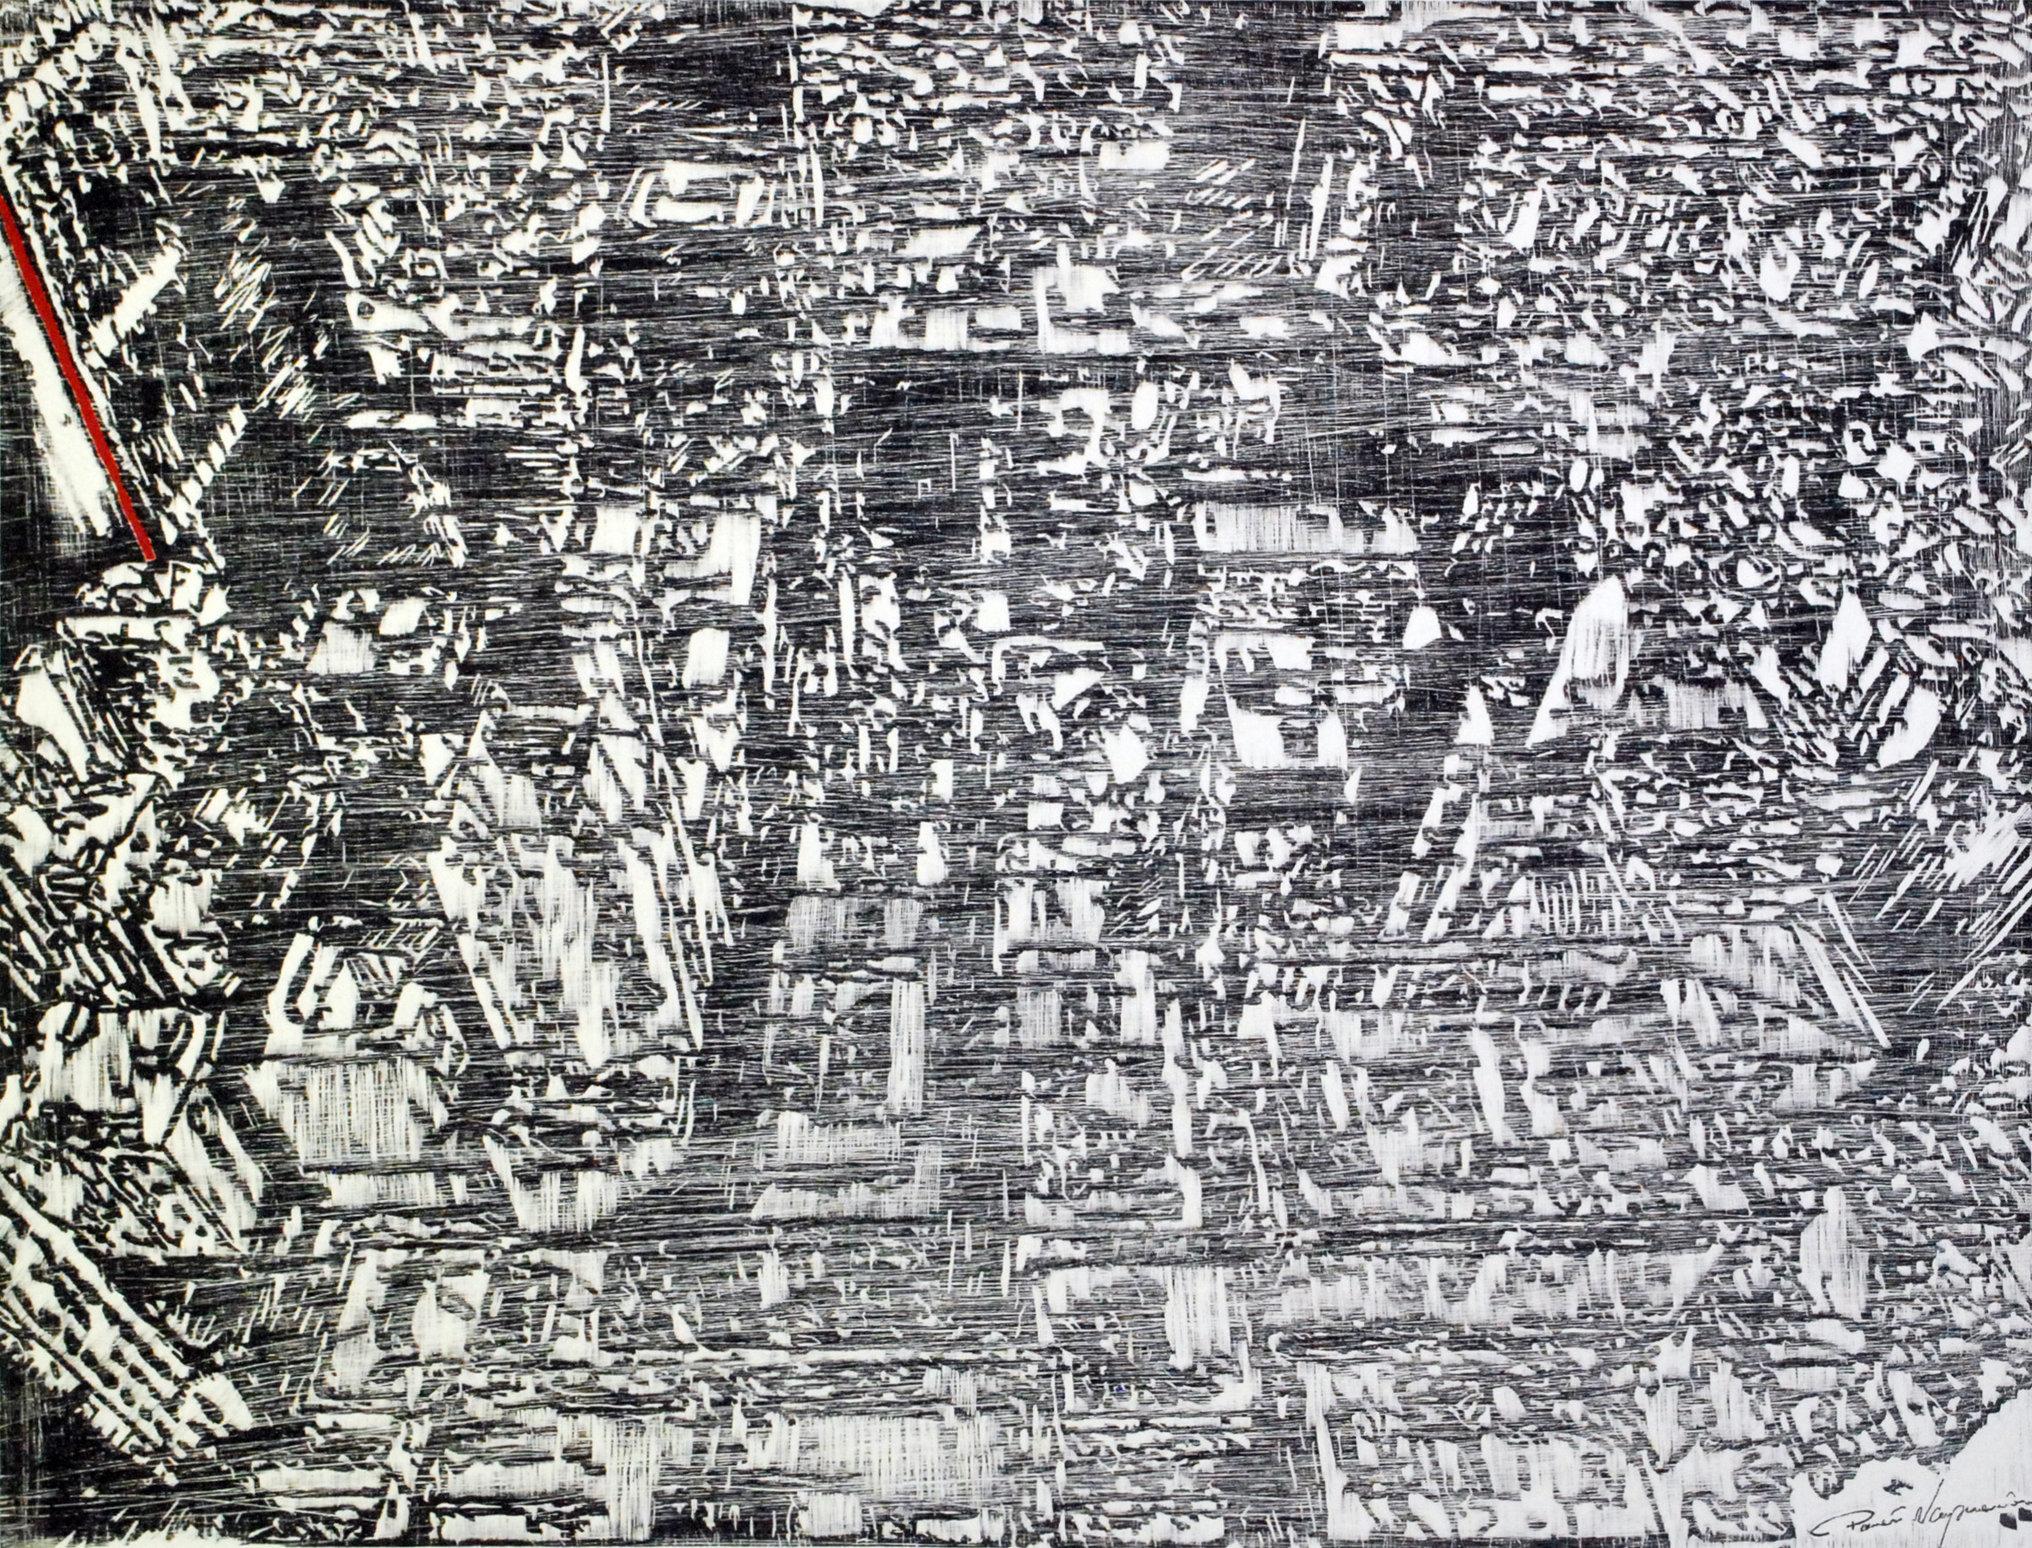 Rytm wokół mnie 4 60x80 linoryt 2014